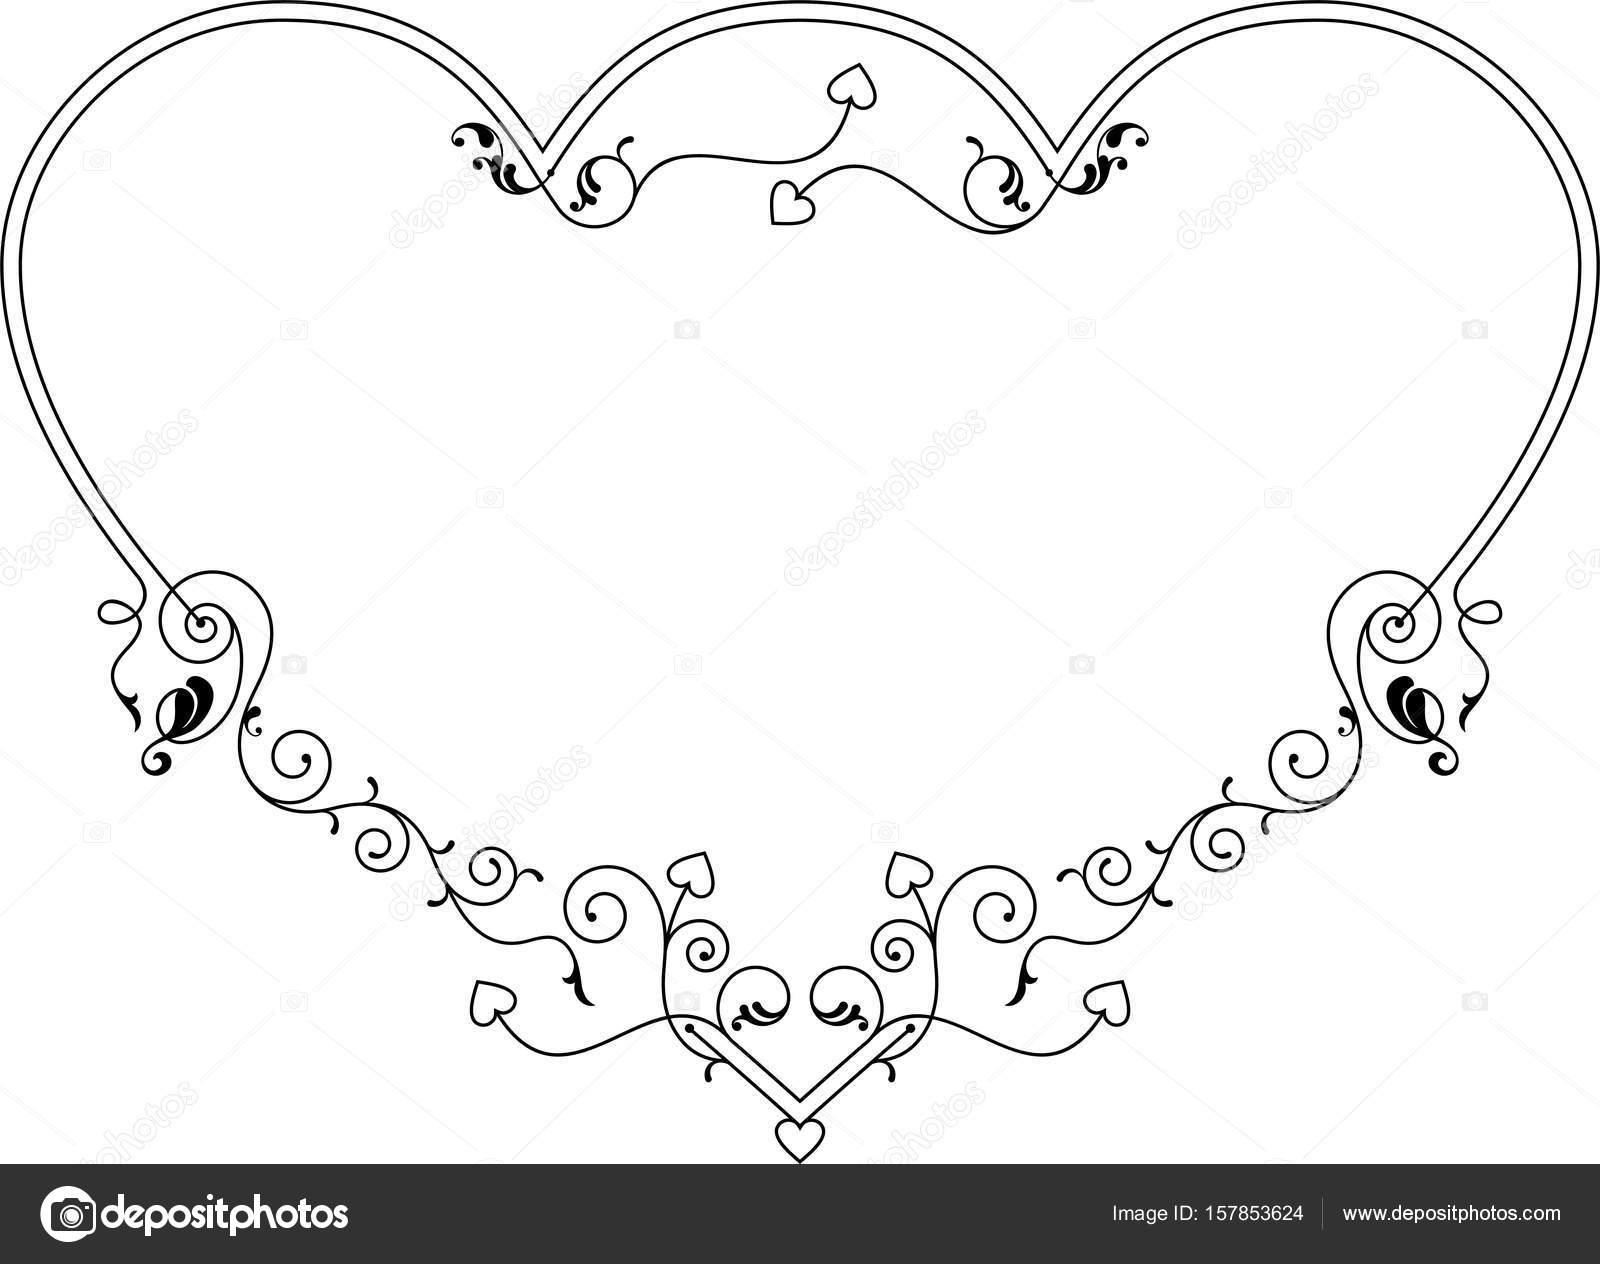 Love, Heart Frame Border Design — Stock Vector © ajayshrivastava ...